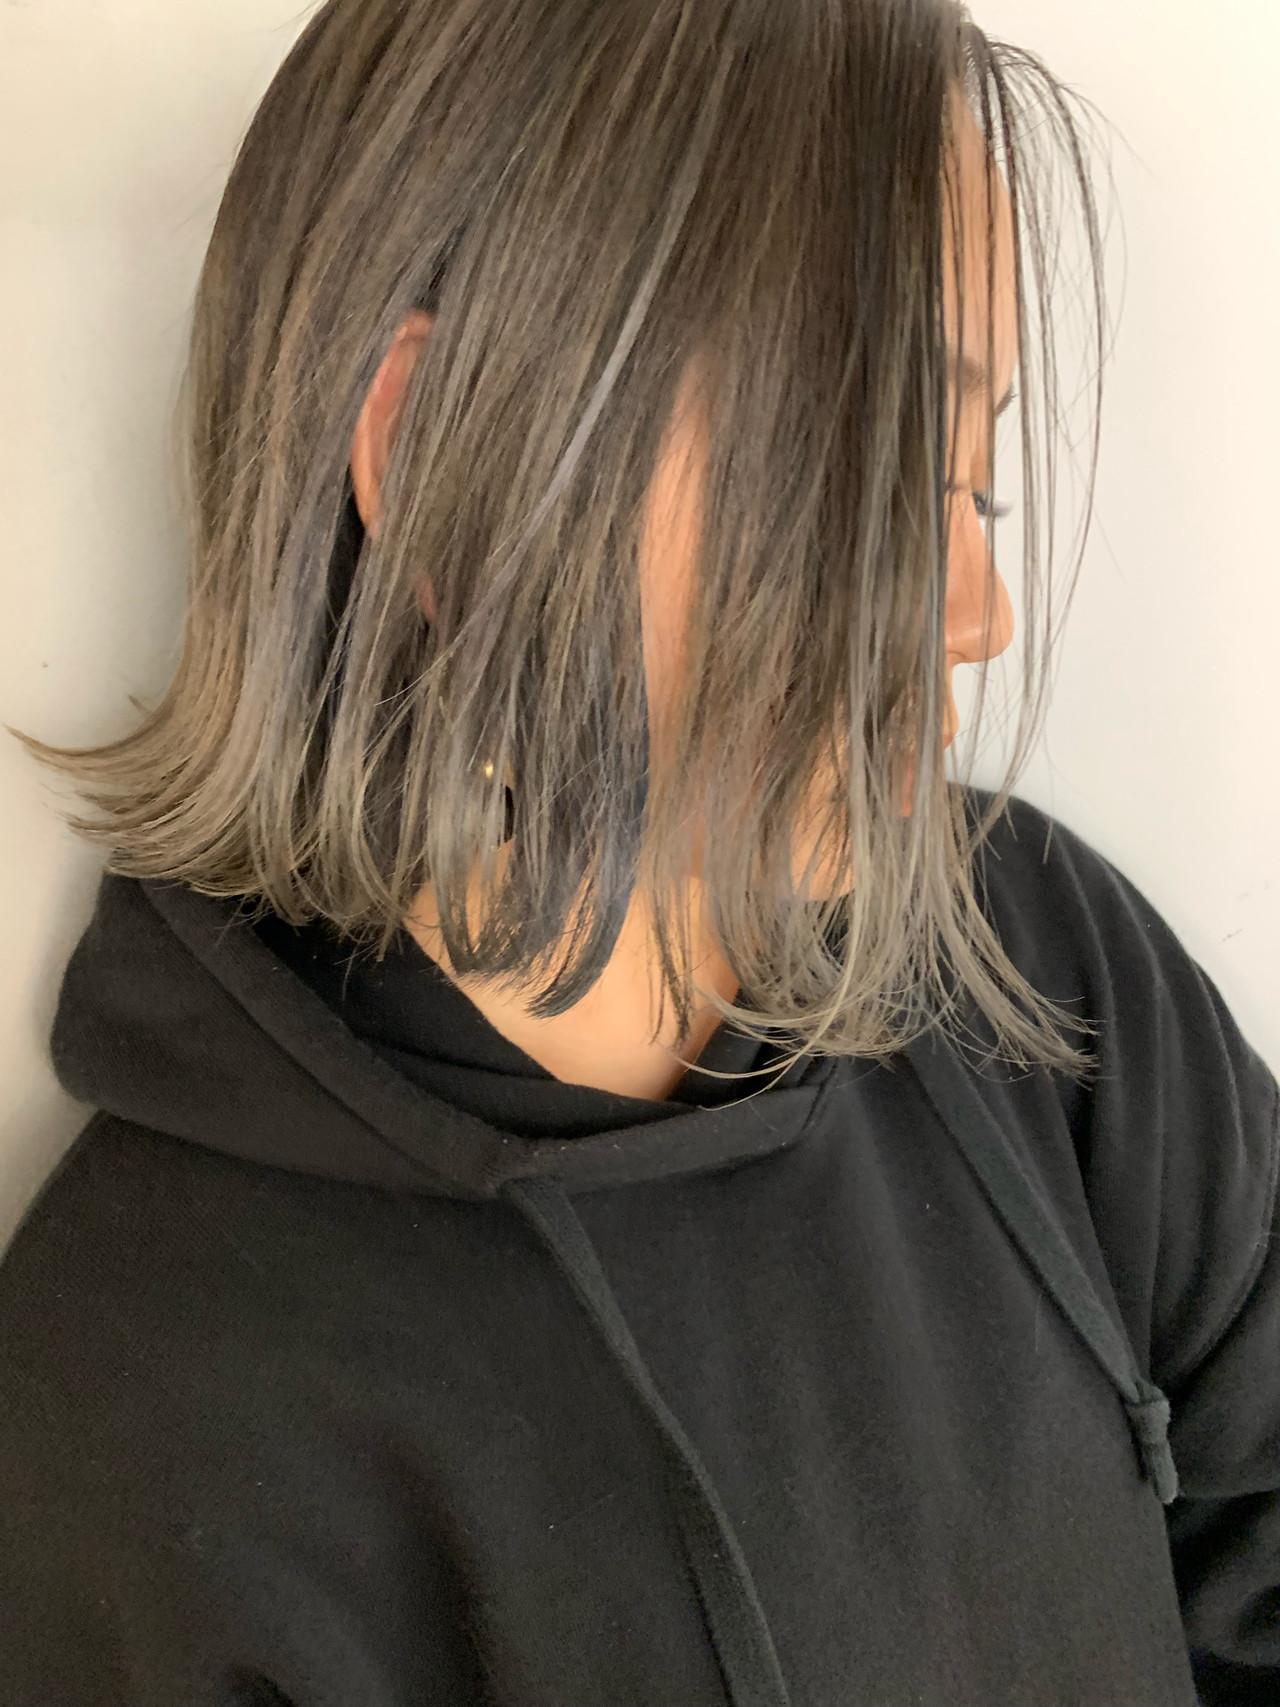 バレイヤージュ アッシュグラデーション 外ハネボブ グラデーションカラー ヘアスタイルや髪型の写真・画像 | MORNING.miya/@1031miya / HAIR MORNING.